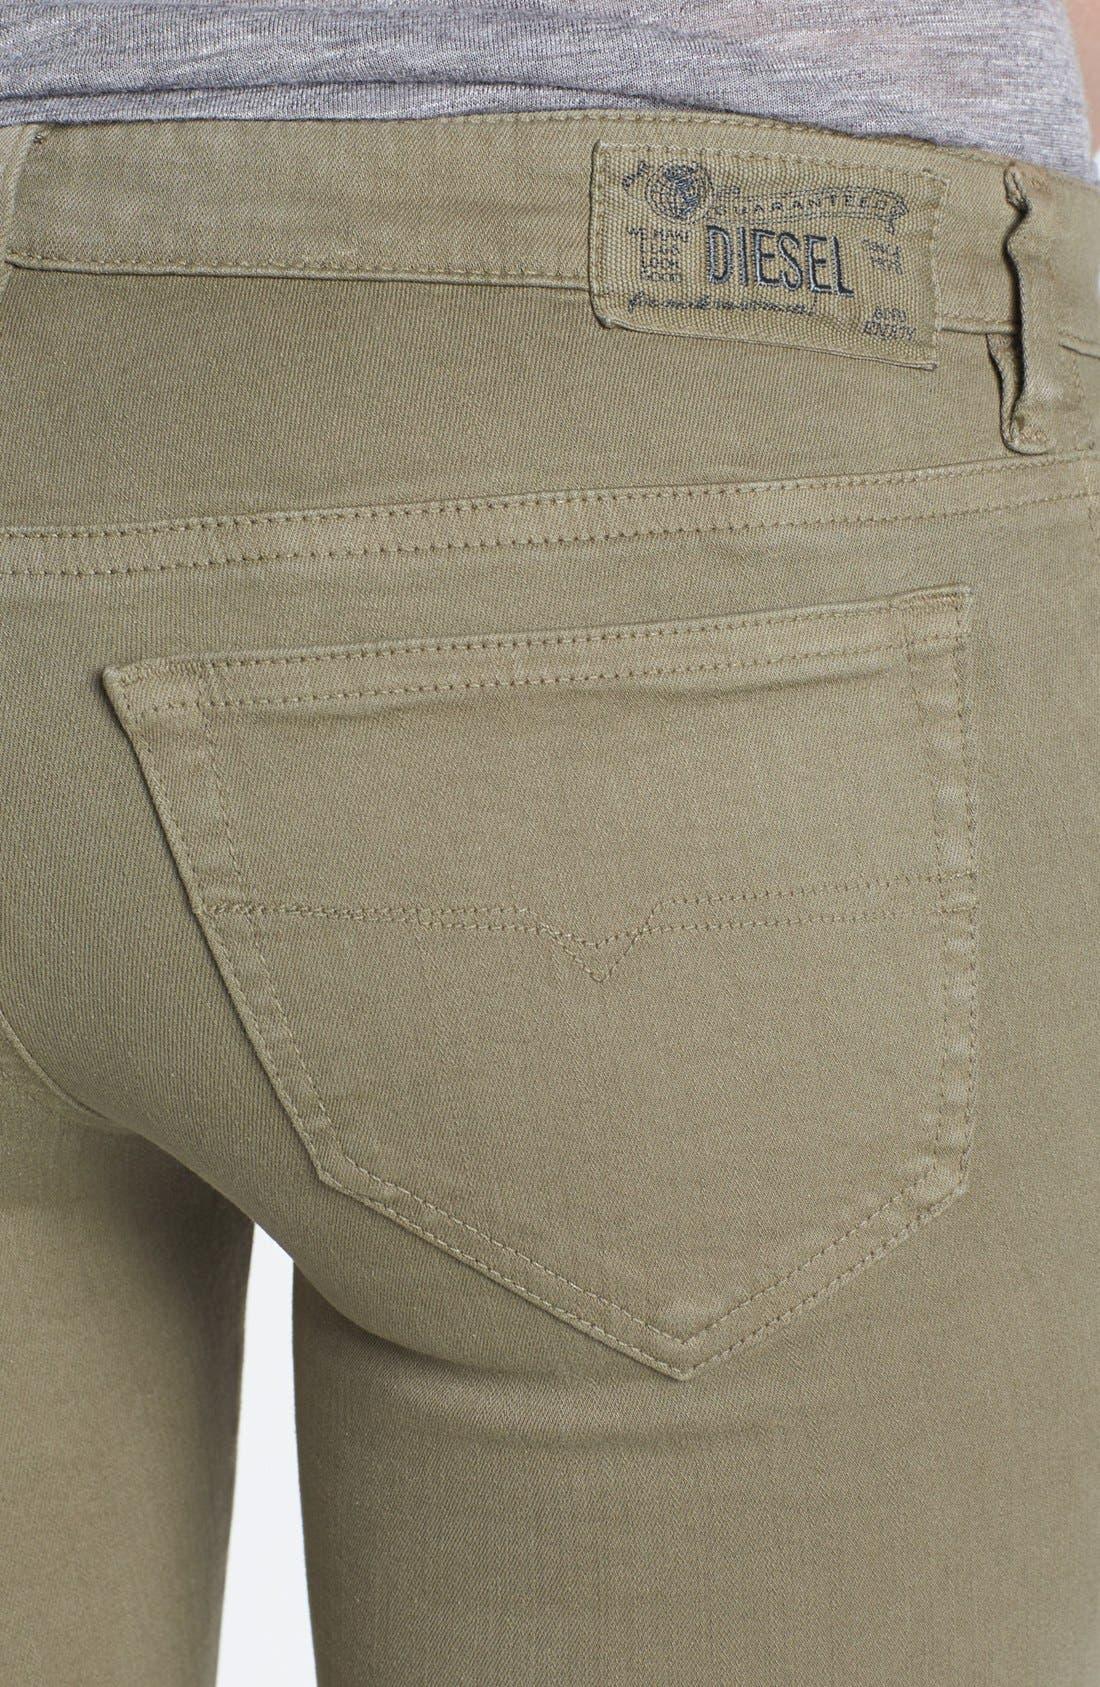 Alternate Image 3  - DIESEL® 'Skinzee' Low Rise Skinny Jeans